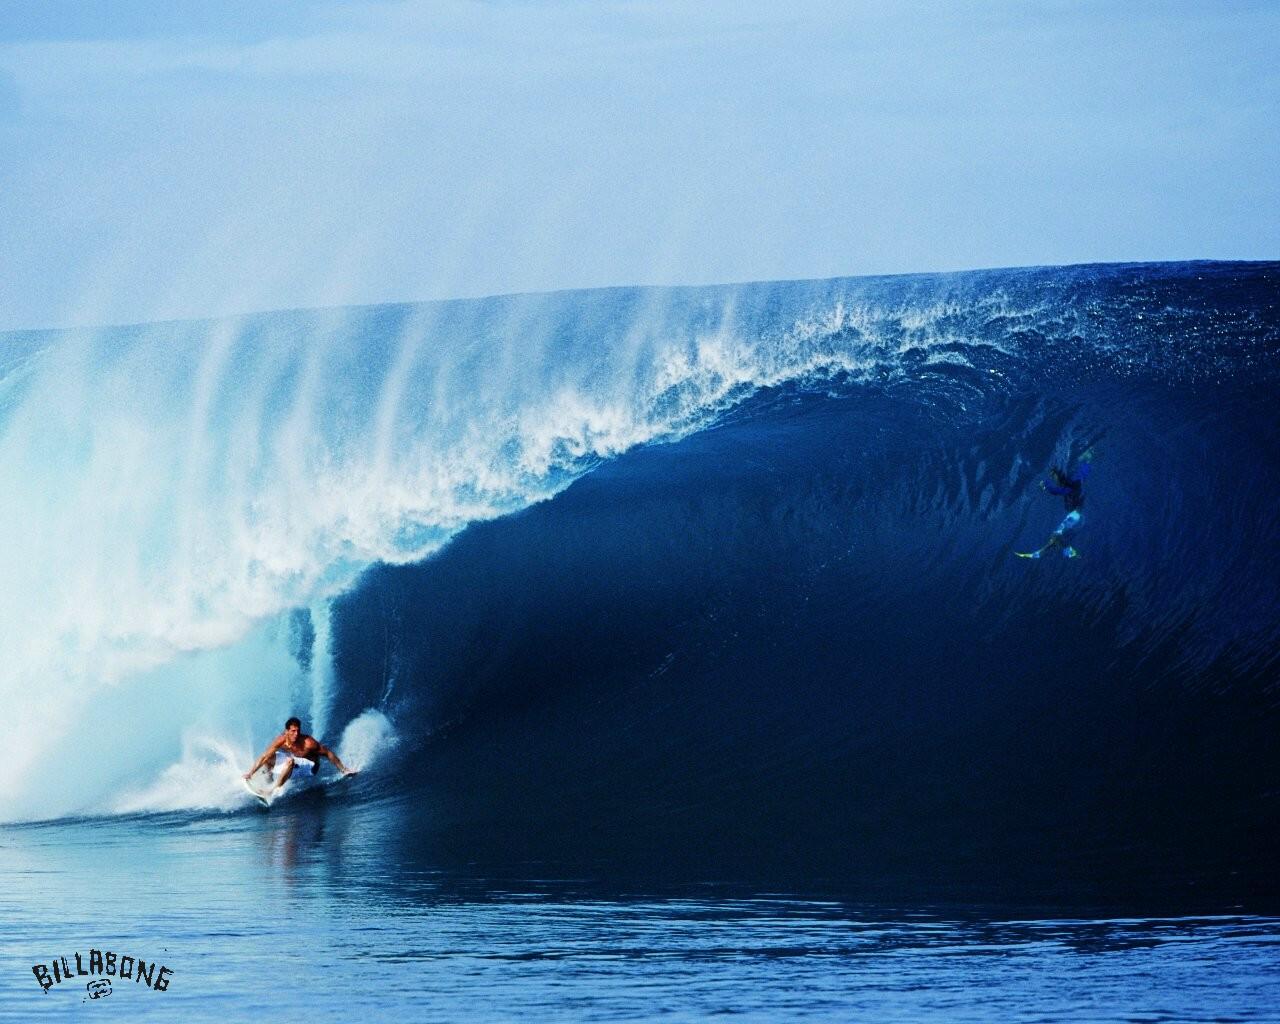 http://3.bp.blogspot.com/-PHE2qYY_DO0/UCIlYwF5WRI/AAAAAAAAG20/WfZuK-0Y9c4/s1600/surf-wallpaper-2.jpg